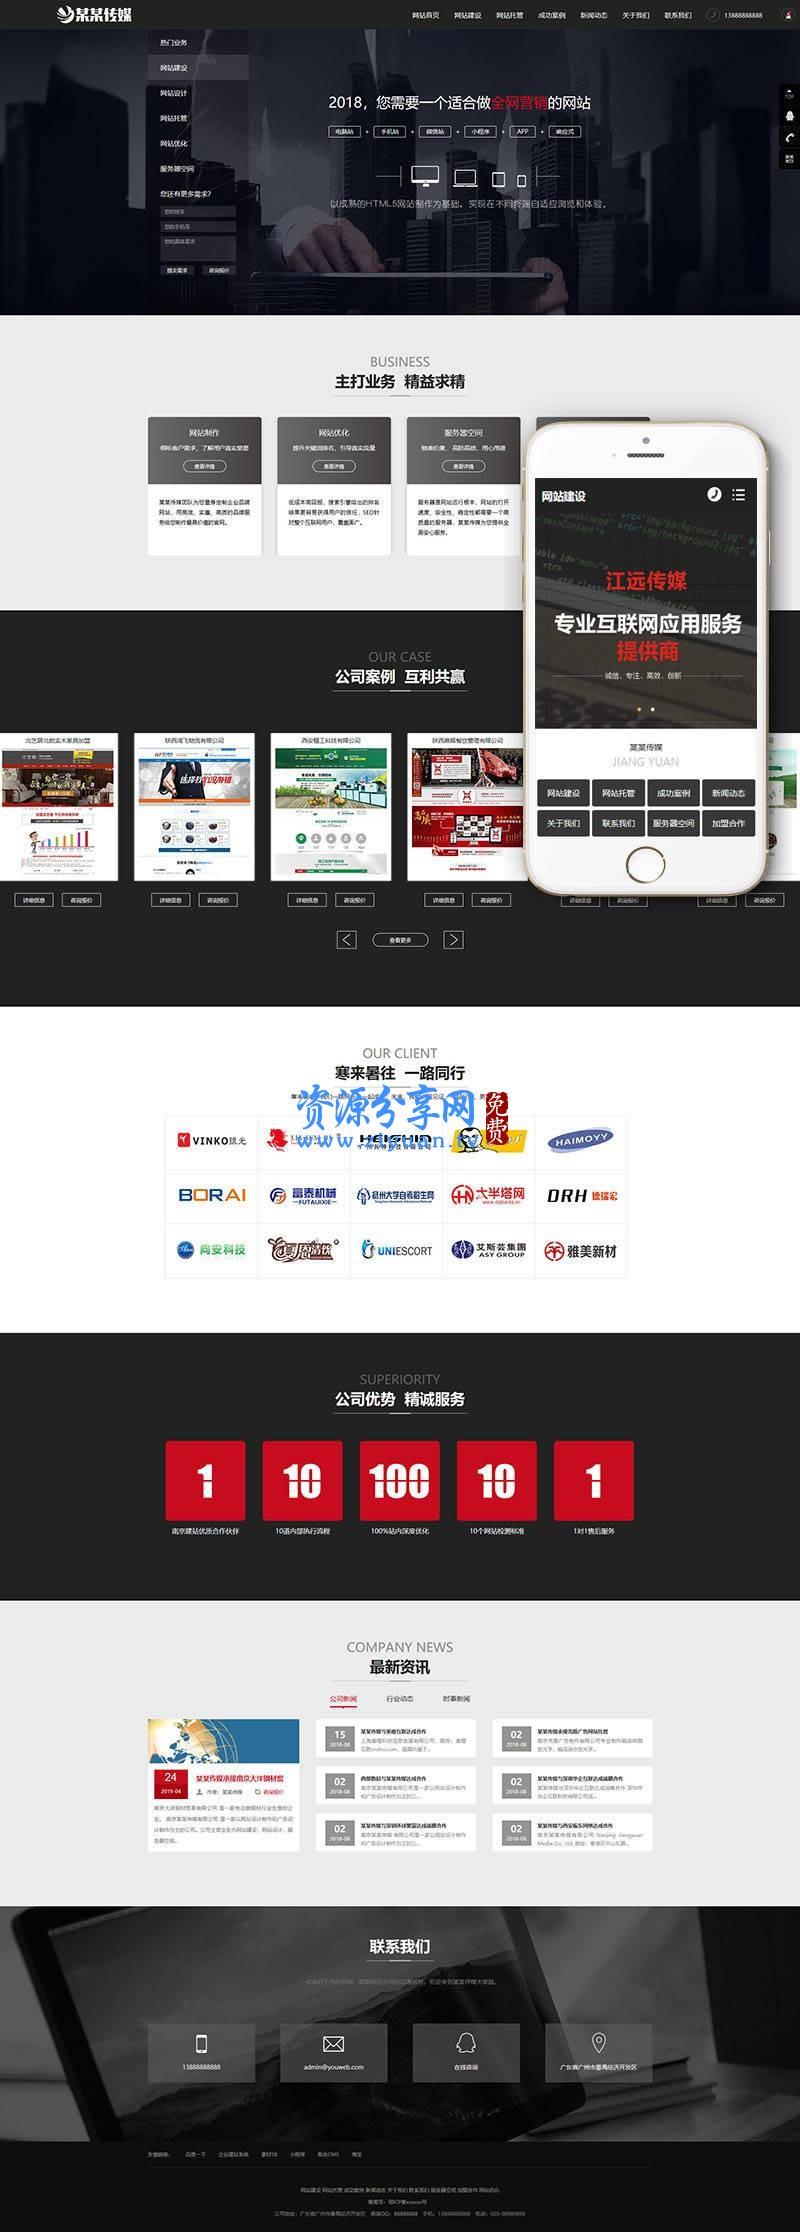 网站建站优化推广类网站织梦 mip 模板